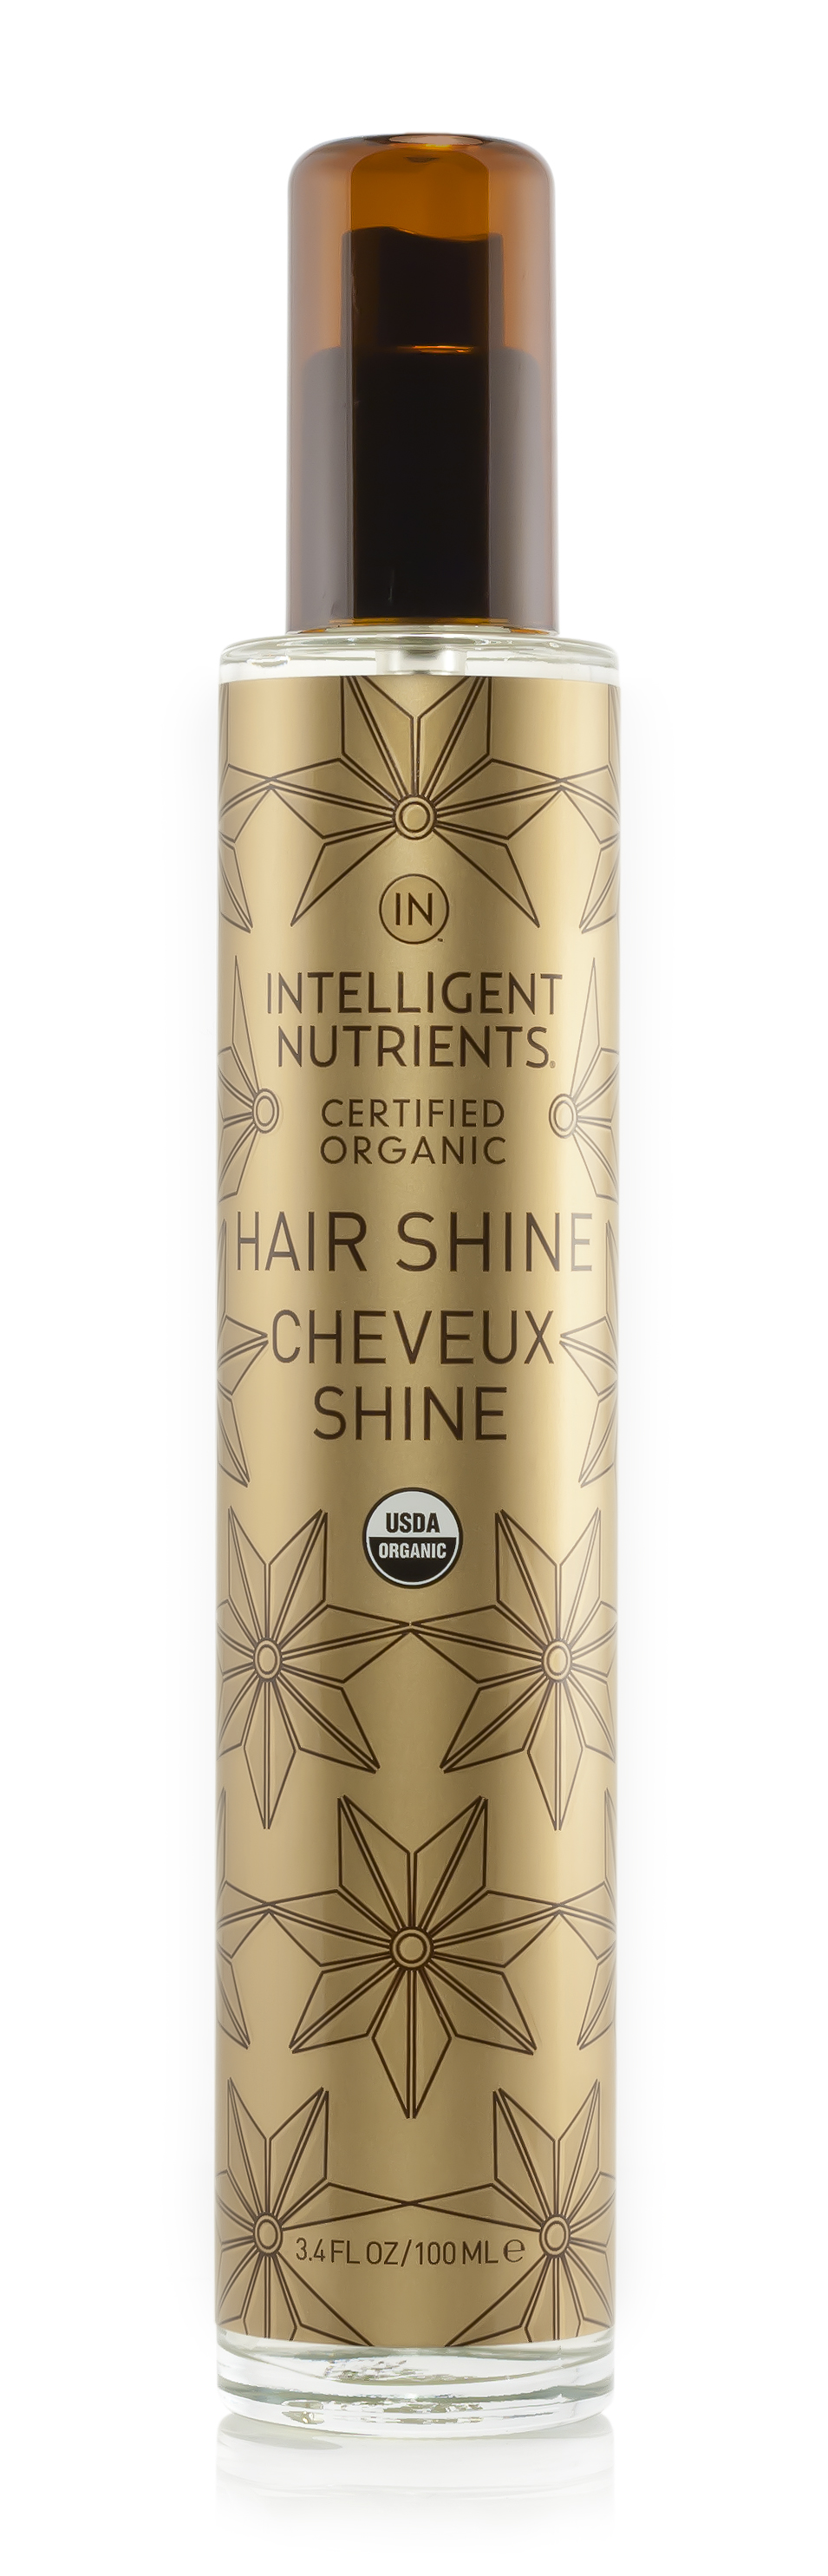 Hair Shine (DKK270/100ml)